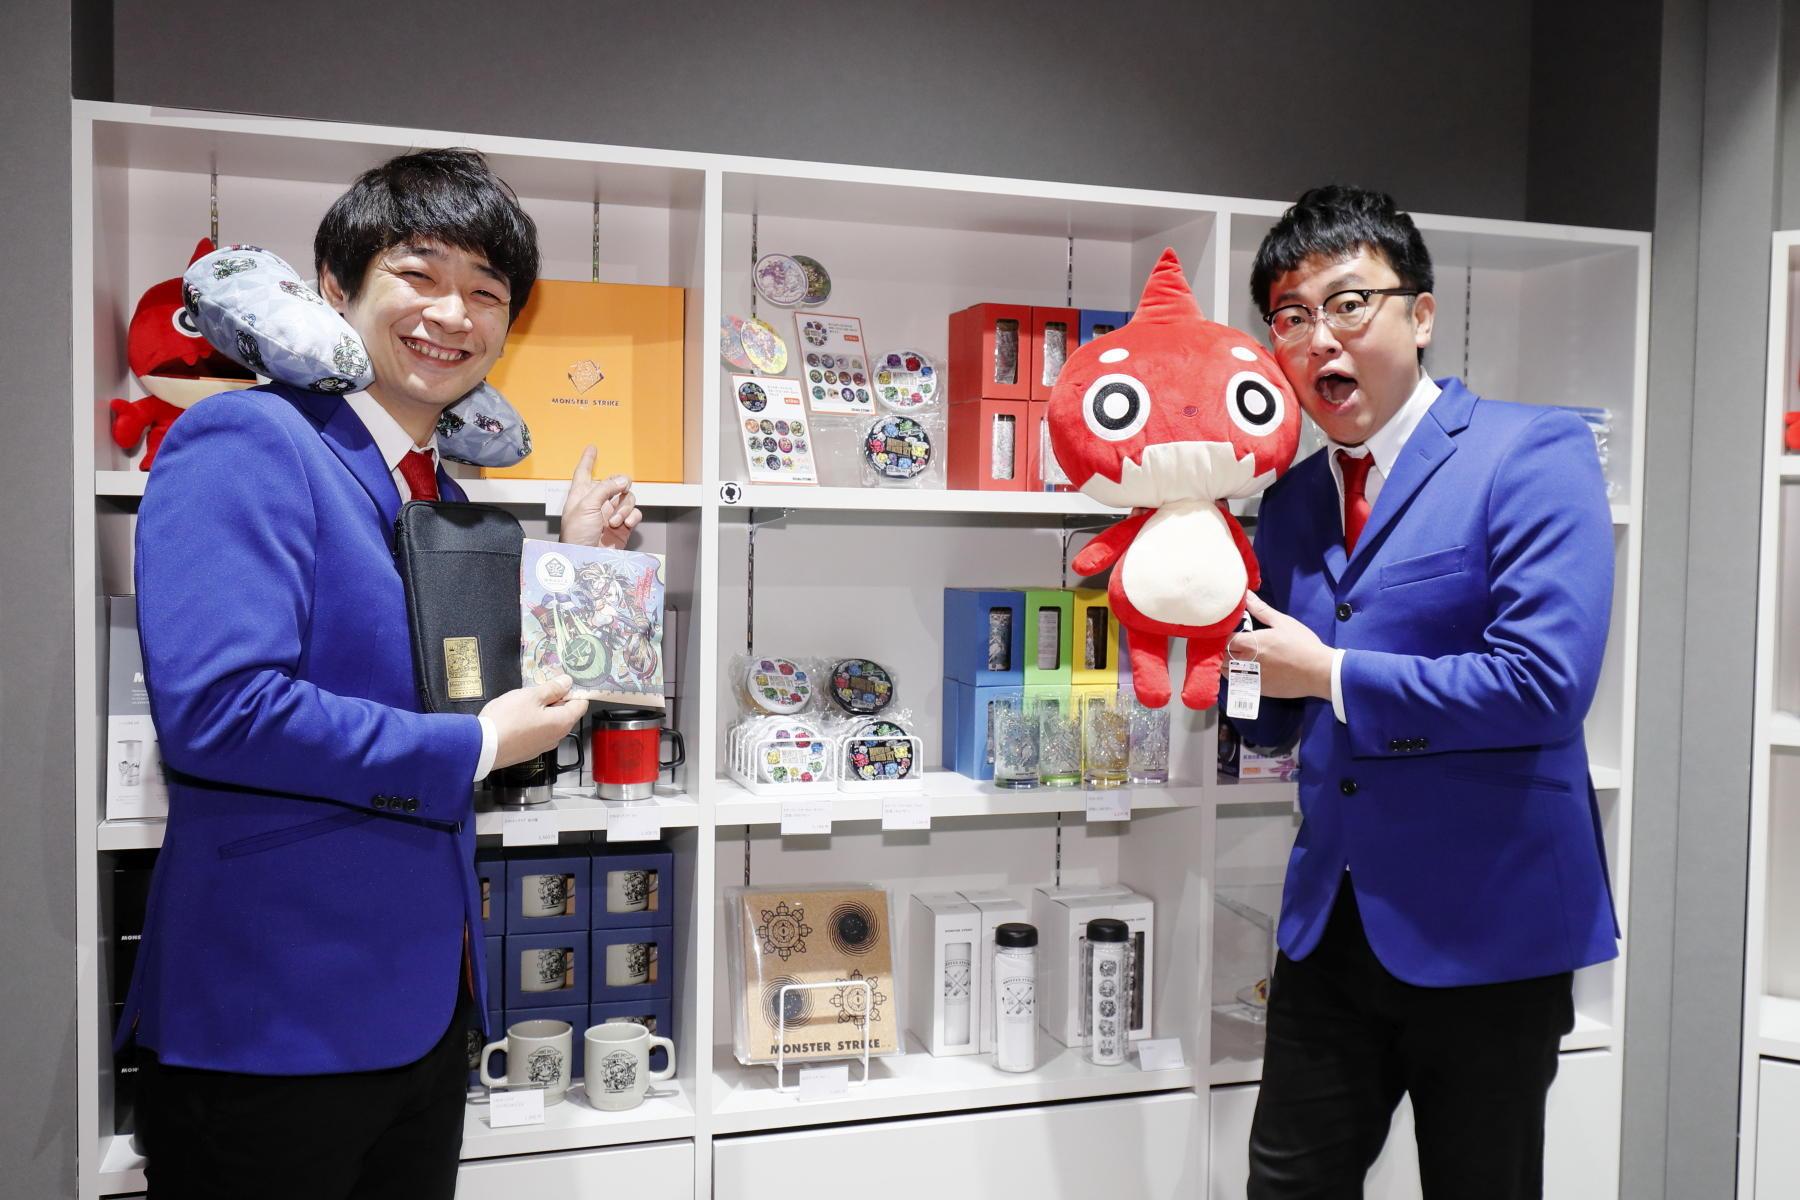 http://news.yoshimoto.co.jp/20190124203411-f203e8ccc635a18c2ba46bf904cca7f988cae192.jpg